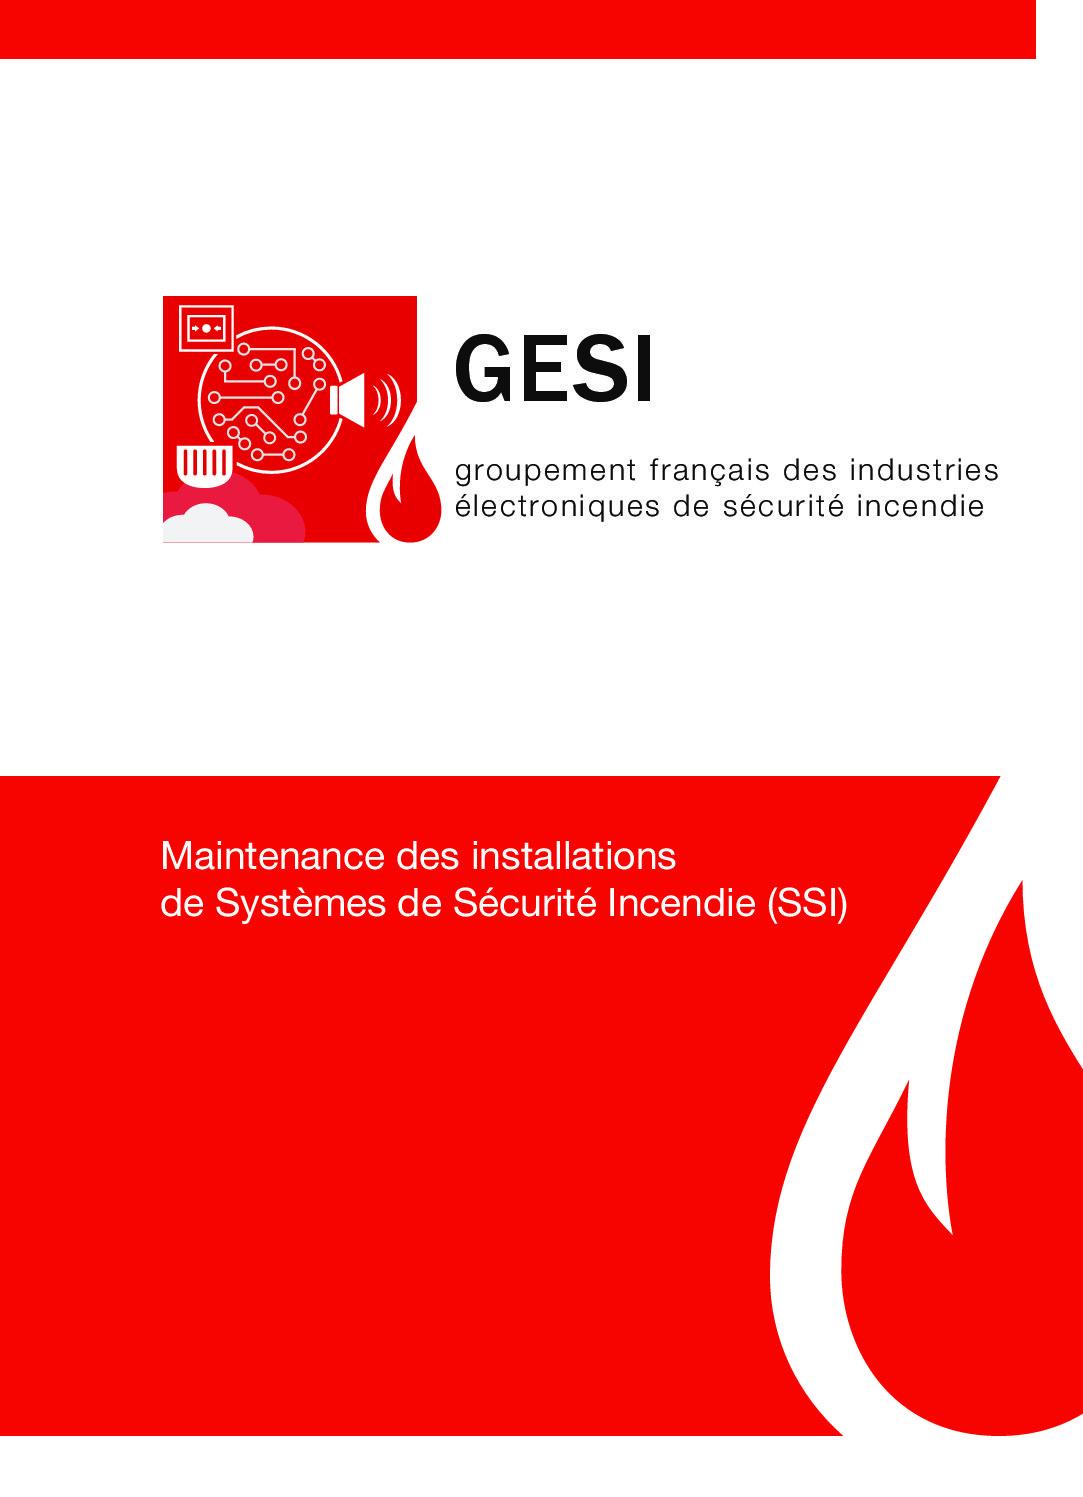 Plaquette GESI - MAINTENANCE DES INSTALLATIONS DE SYSTÈMES DE SÉCURITÉ INCENDIE (SSI)